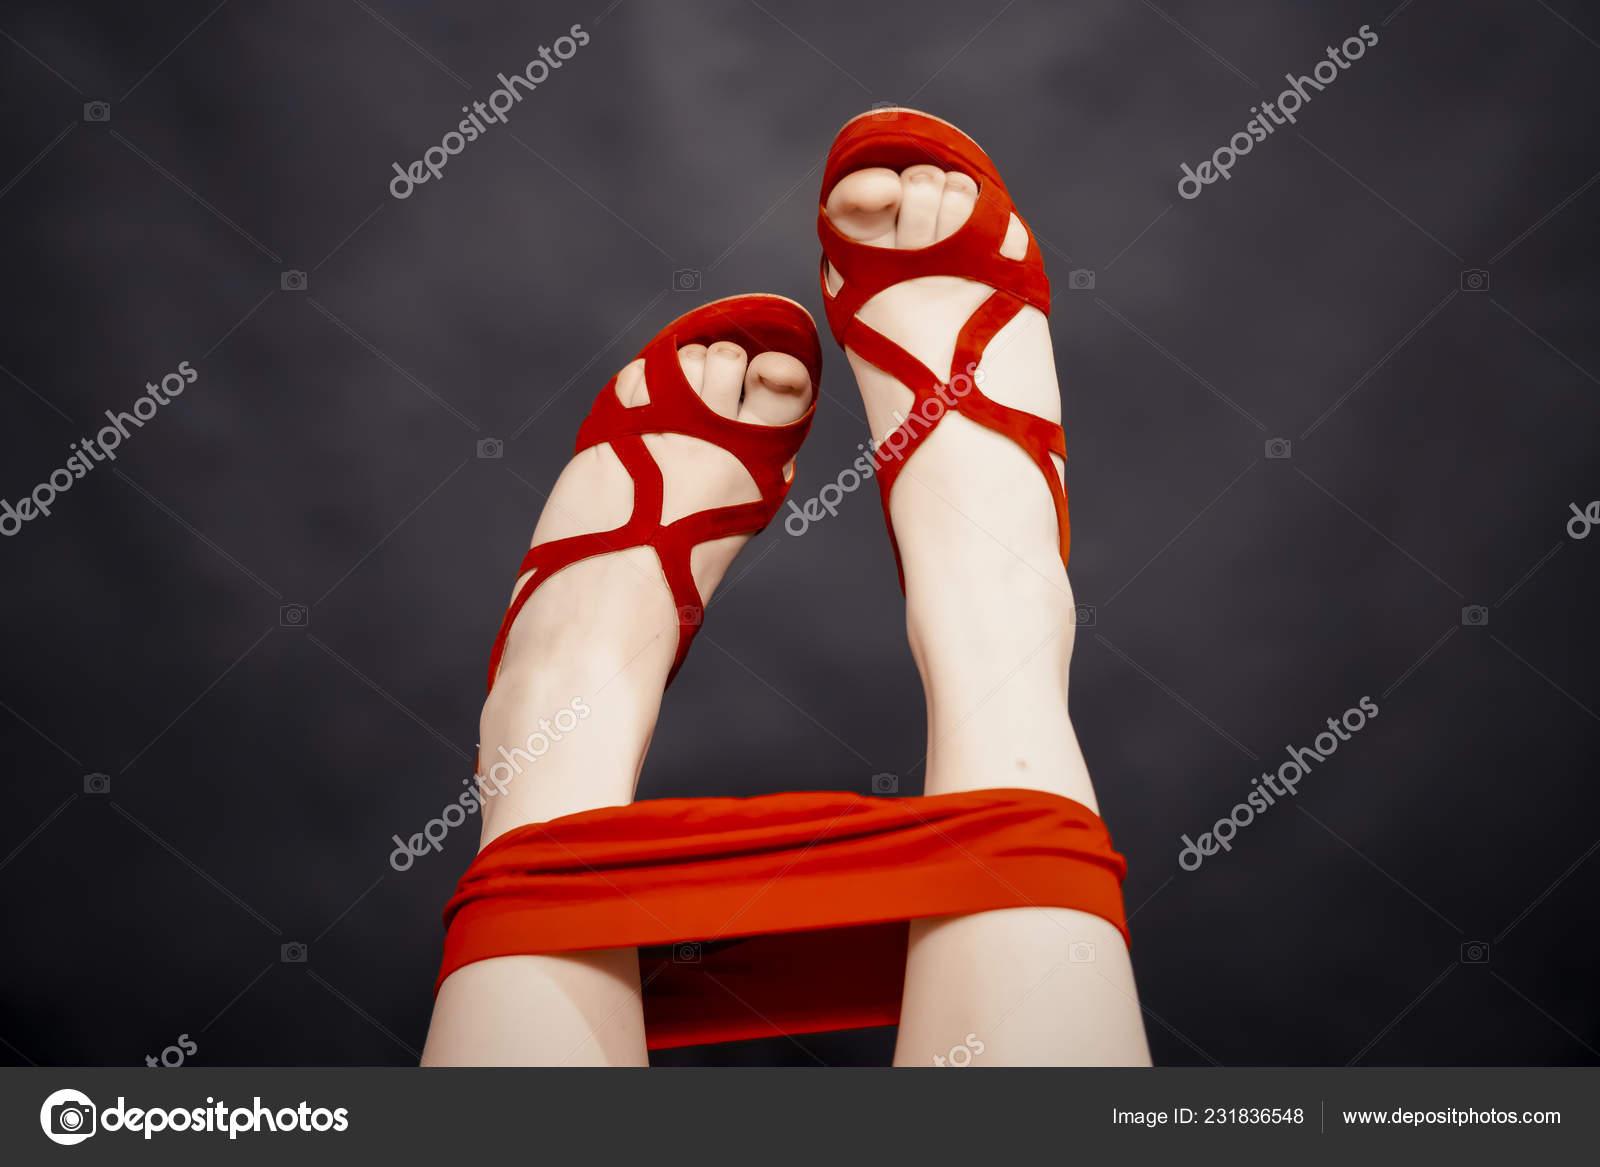 Красные шпильки секс